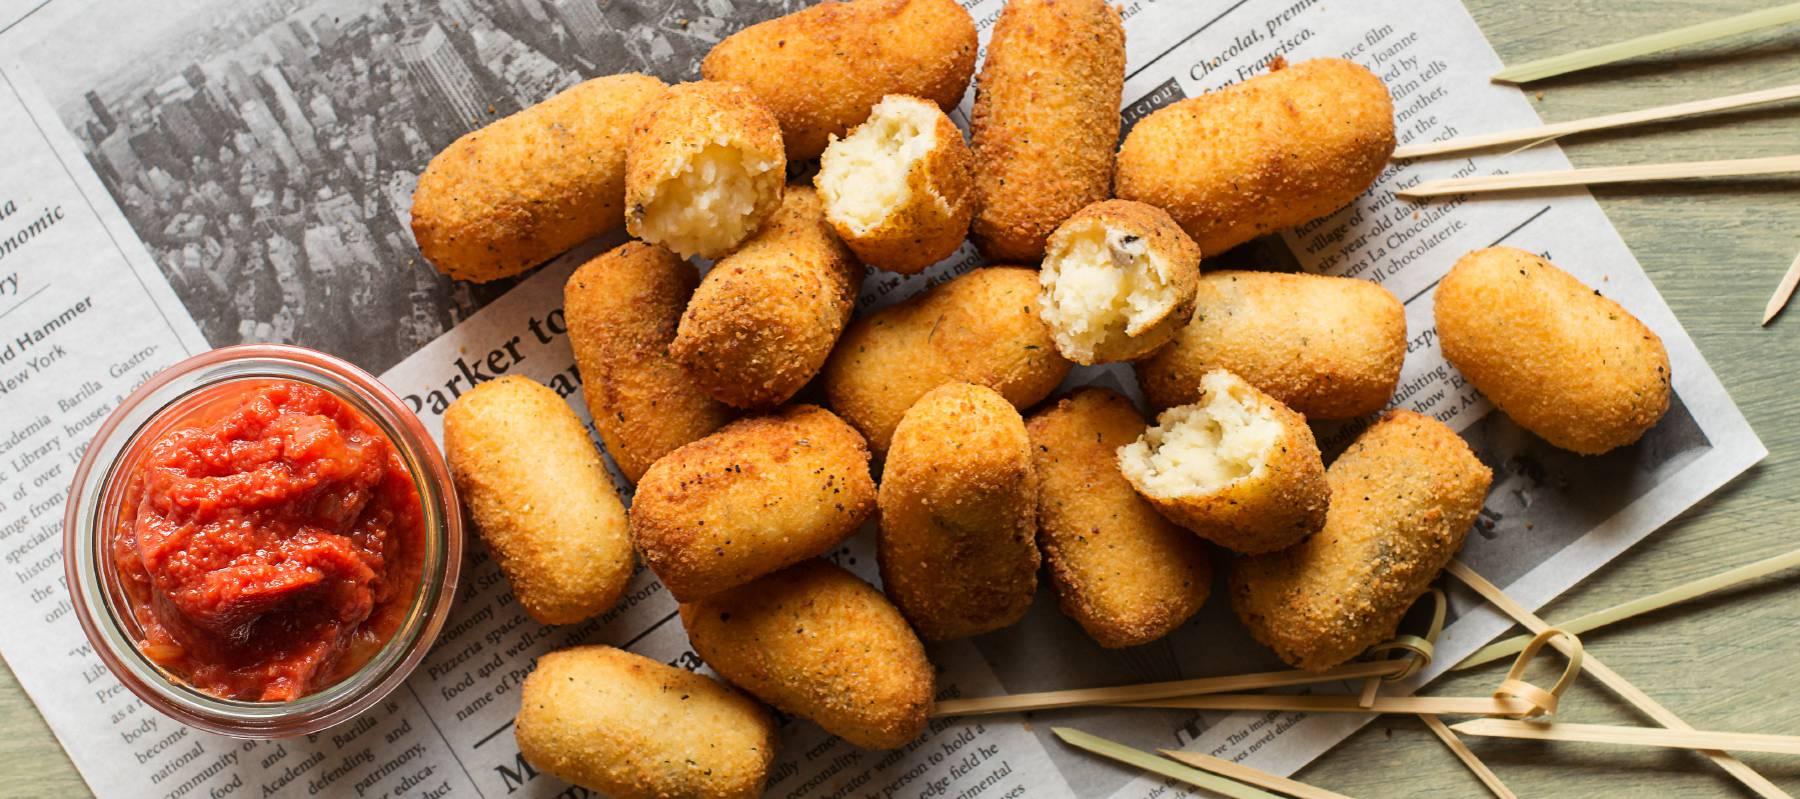 Croquetas de patata y setas